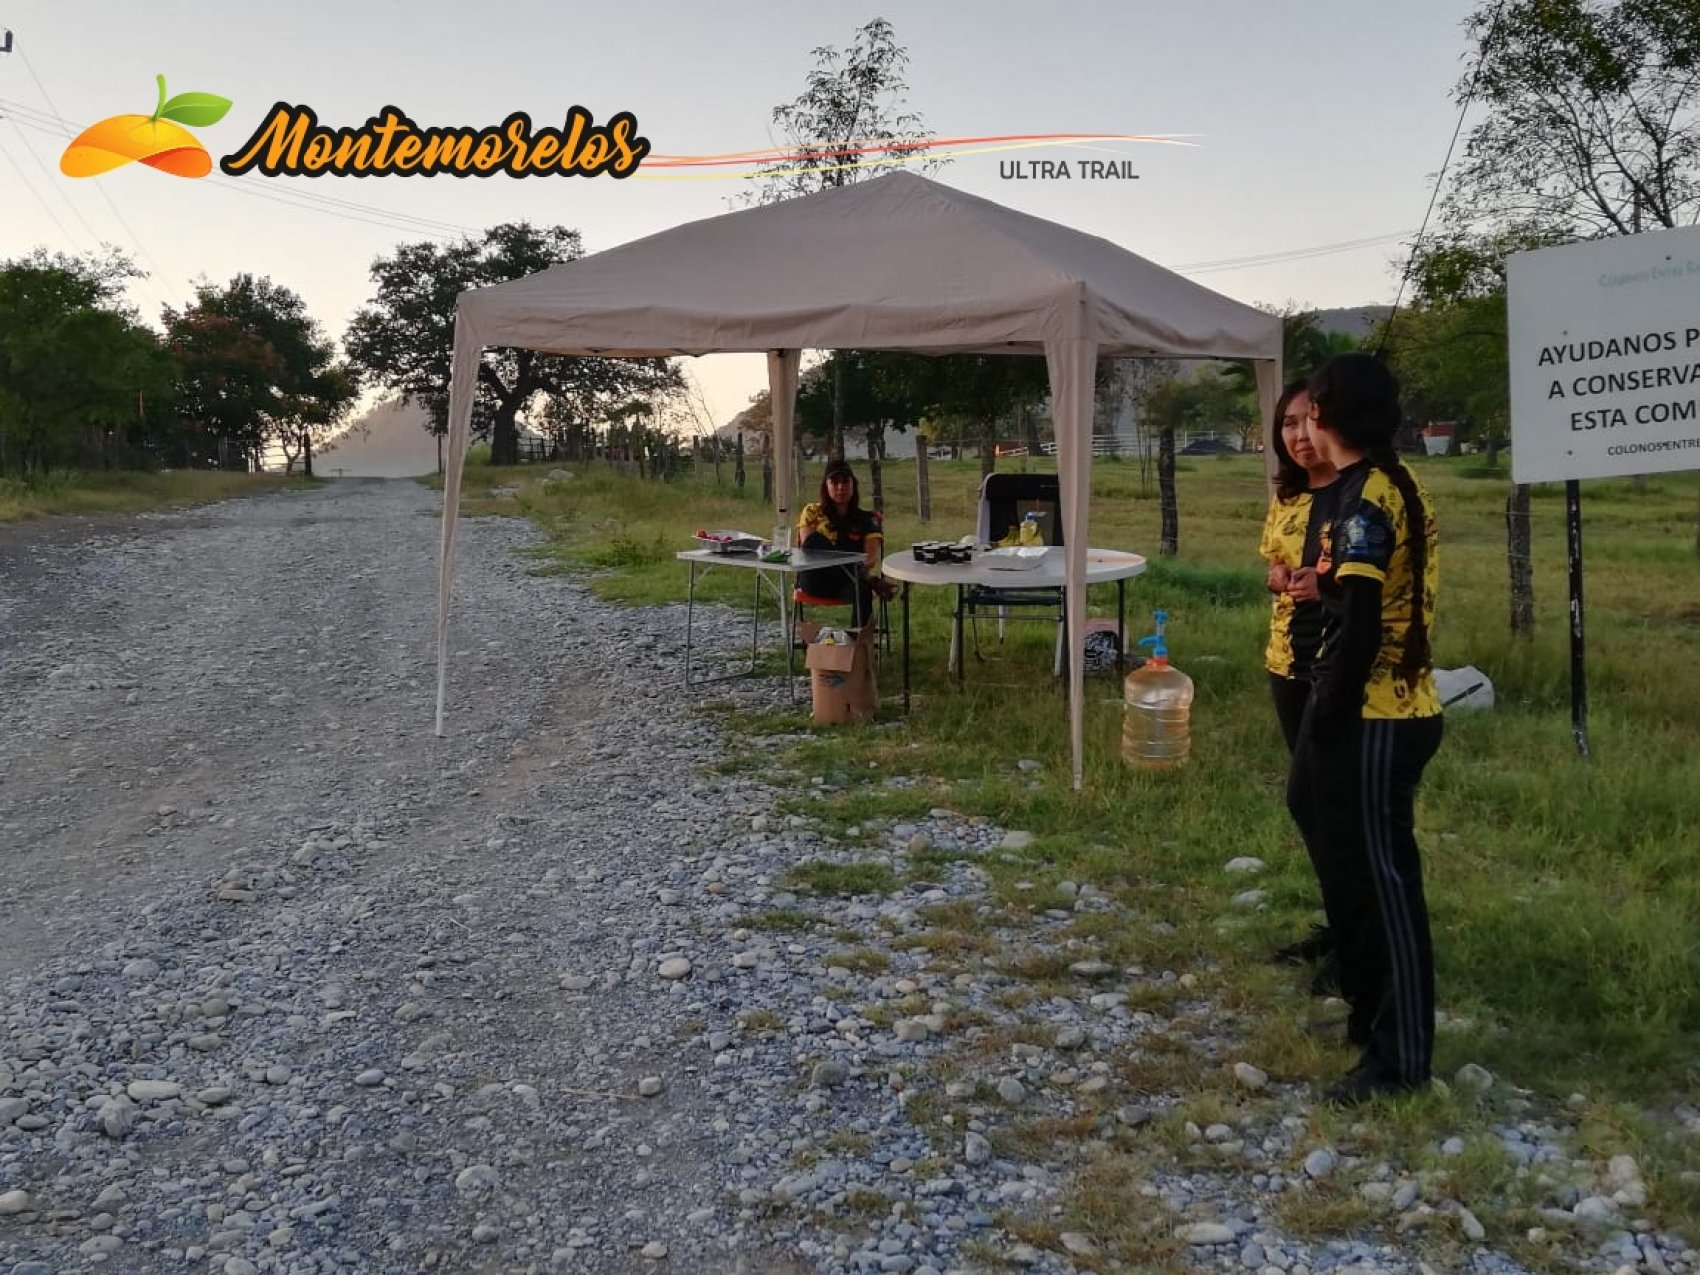 Voluntarios para Ultra Trail Montemorelos